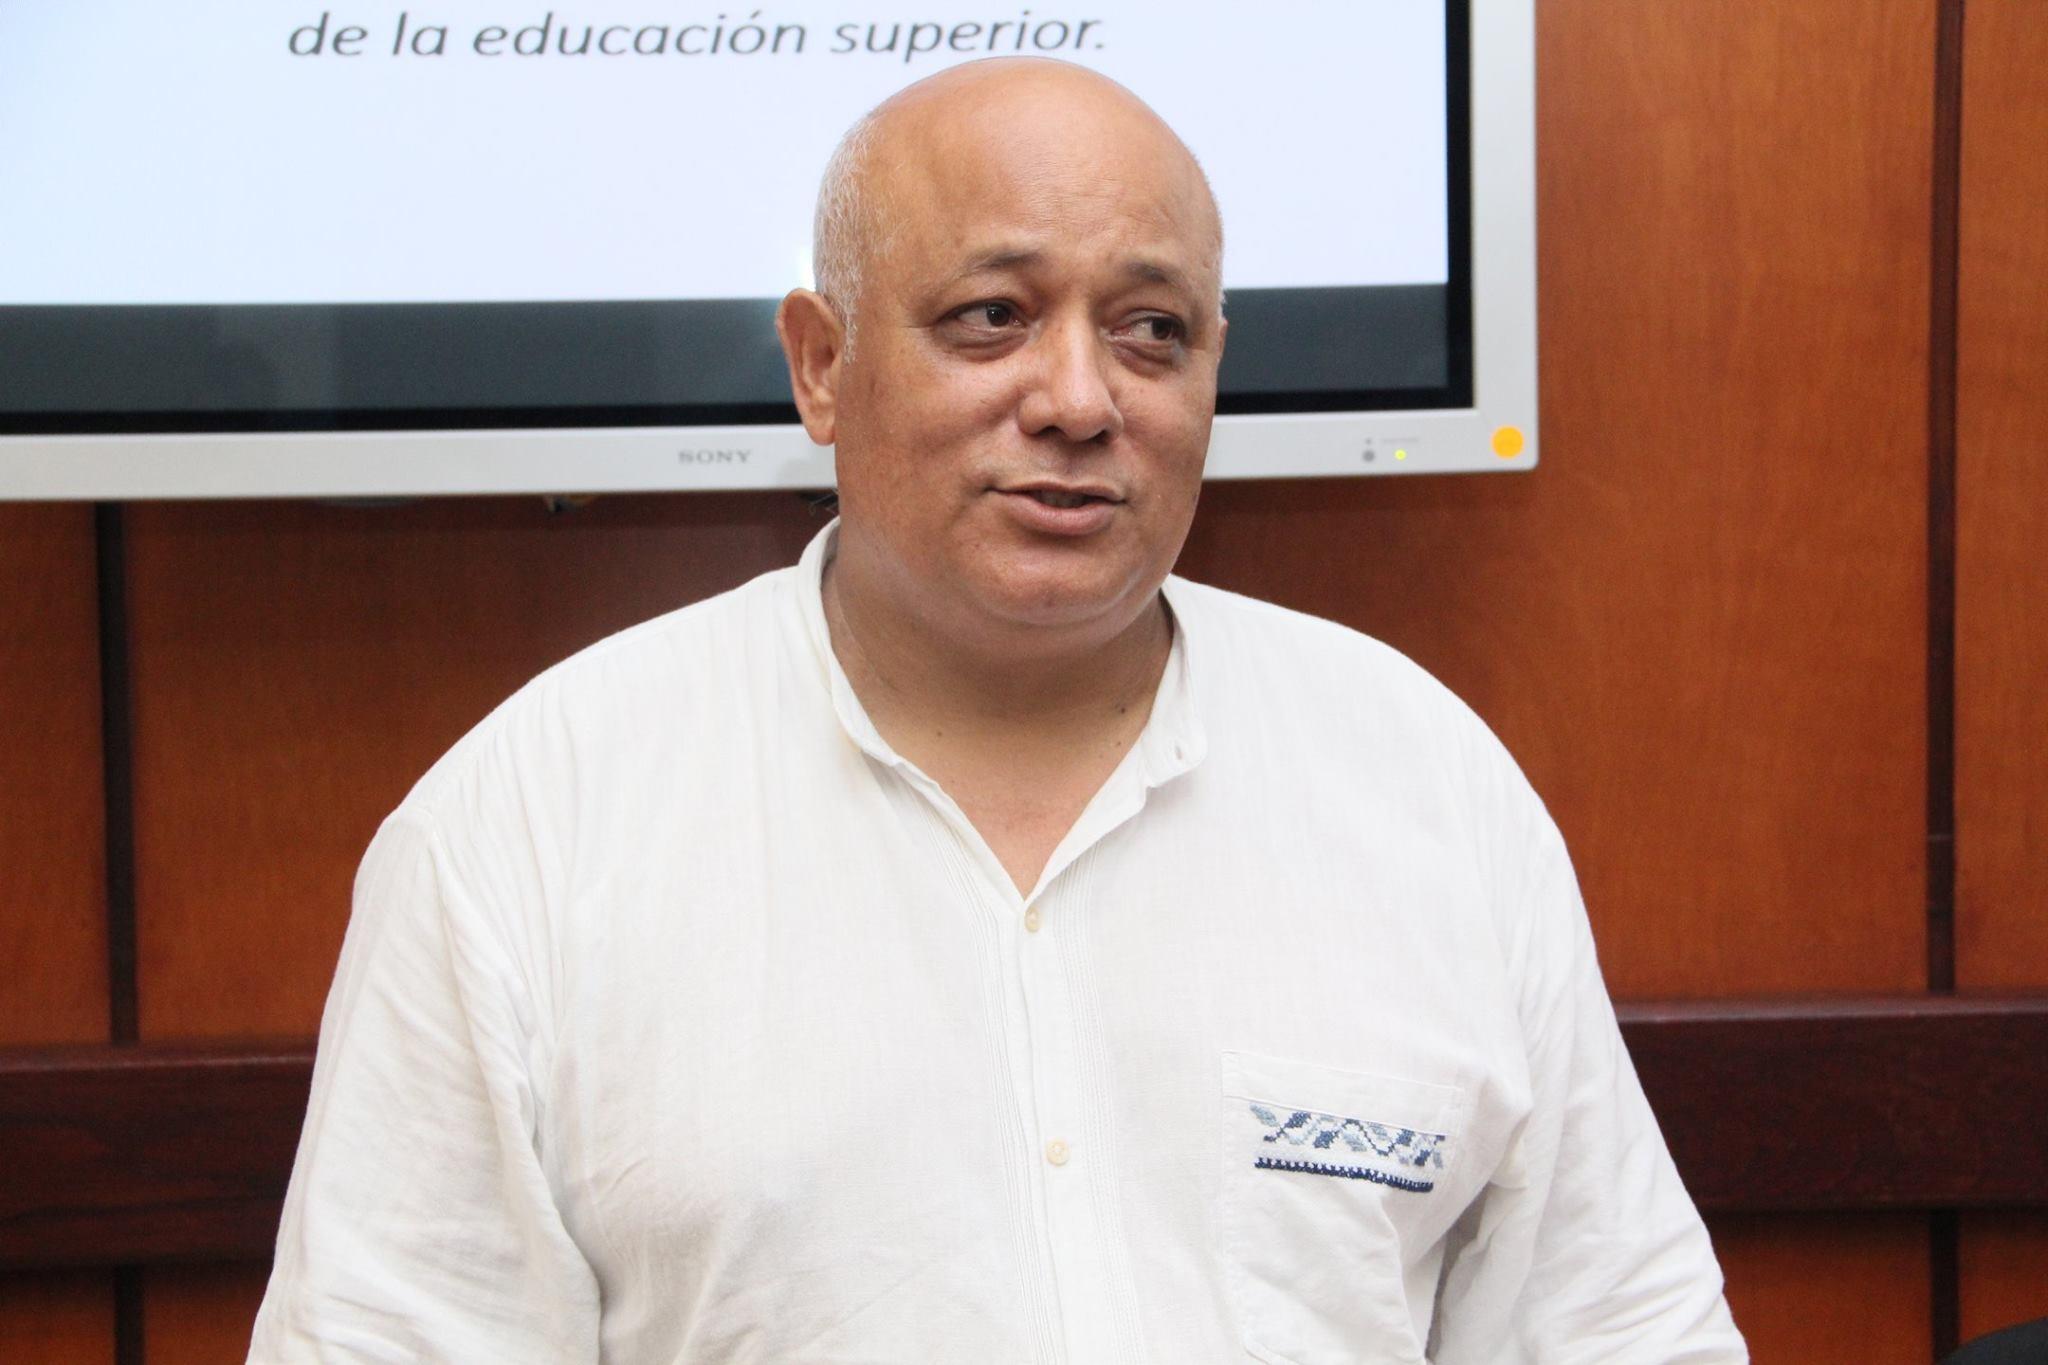 Ángel Alfredo Tamayo Pupo, experto en Relaciones Internacionales de la Universidad de La Habana, Cuba.